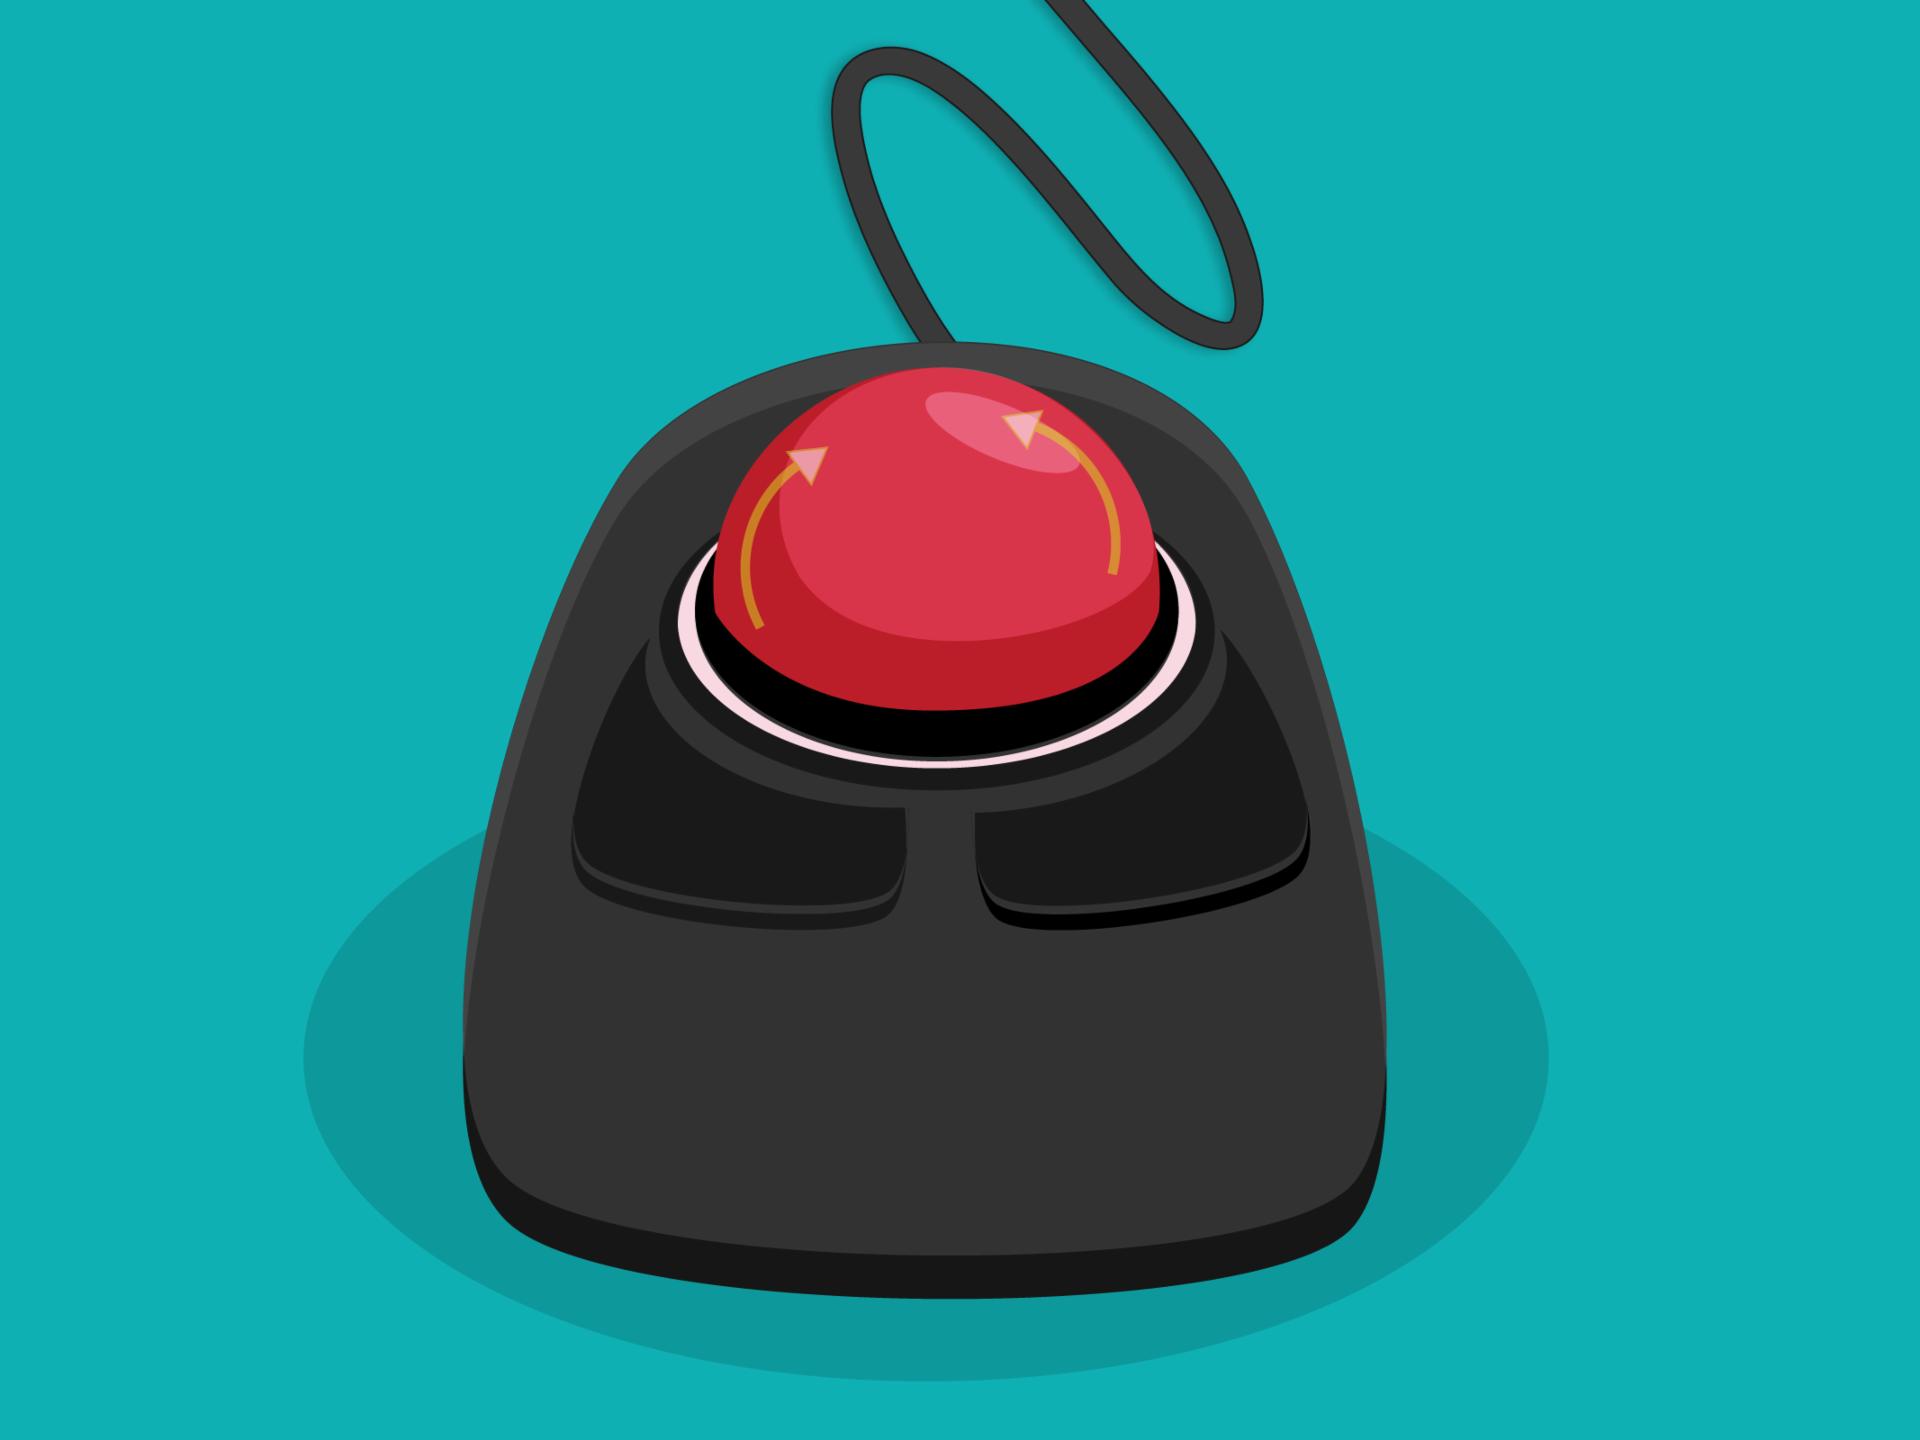 Trackball como dispositivo alterno al mouse o ratón en un computador.